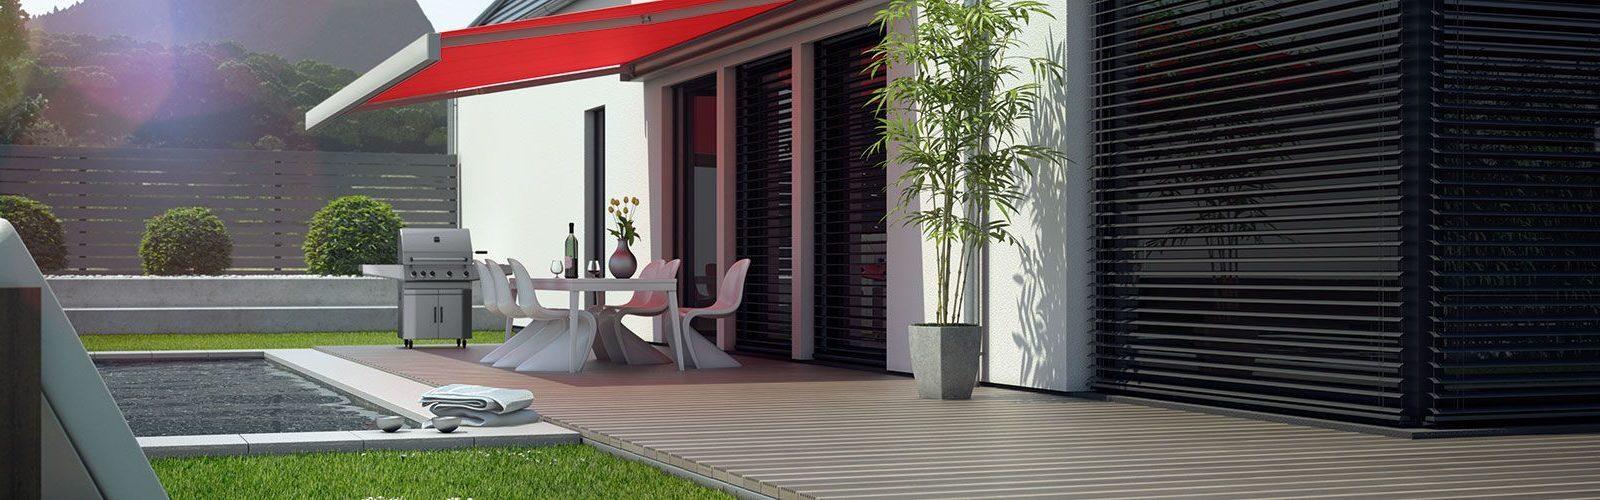 Eine Terrasse ausgestattet mit einer Markise, einem Pool und einem Grill